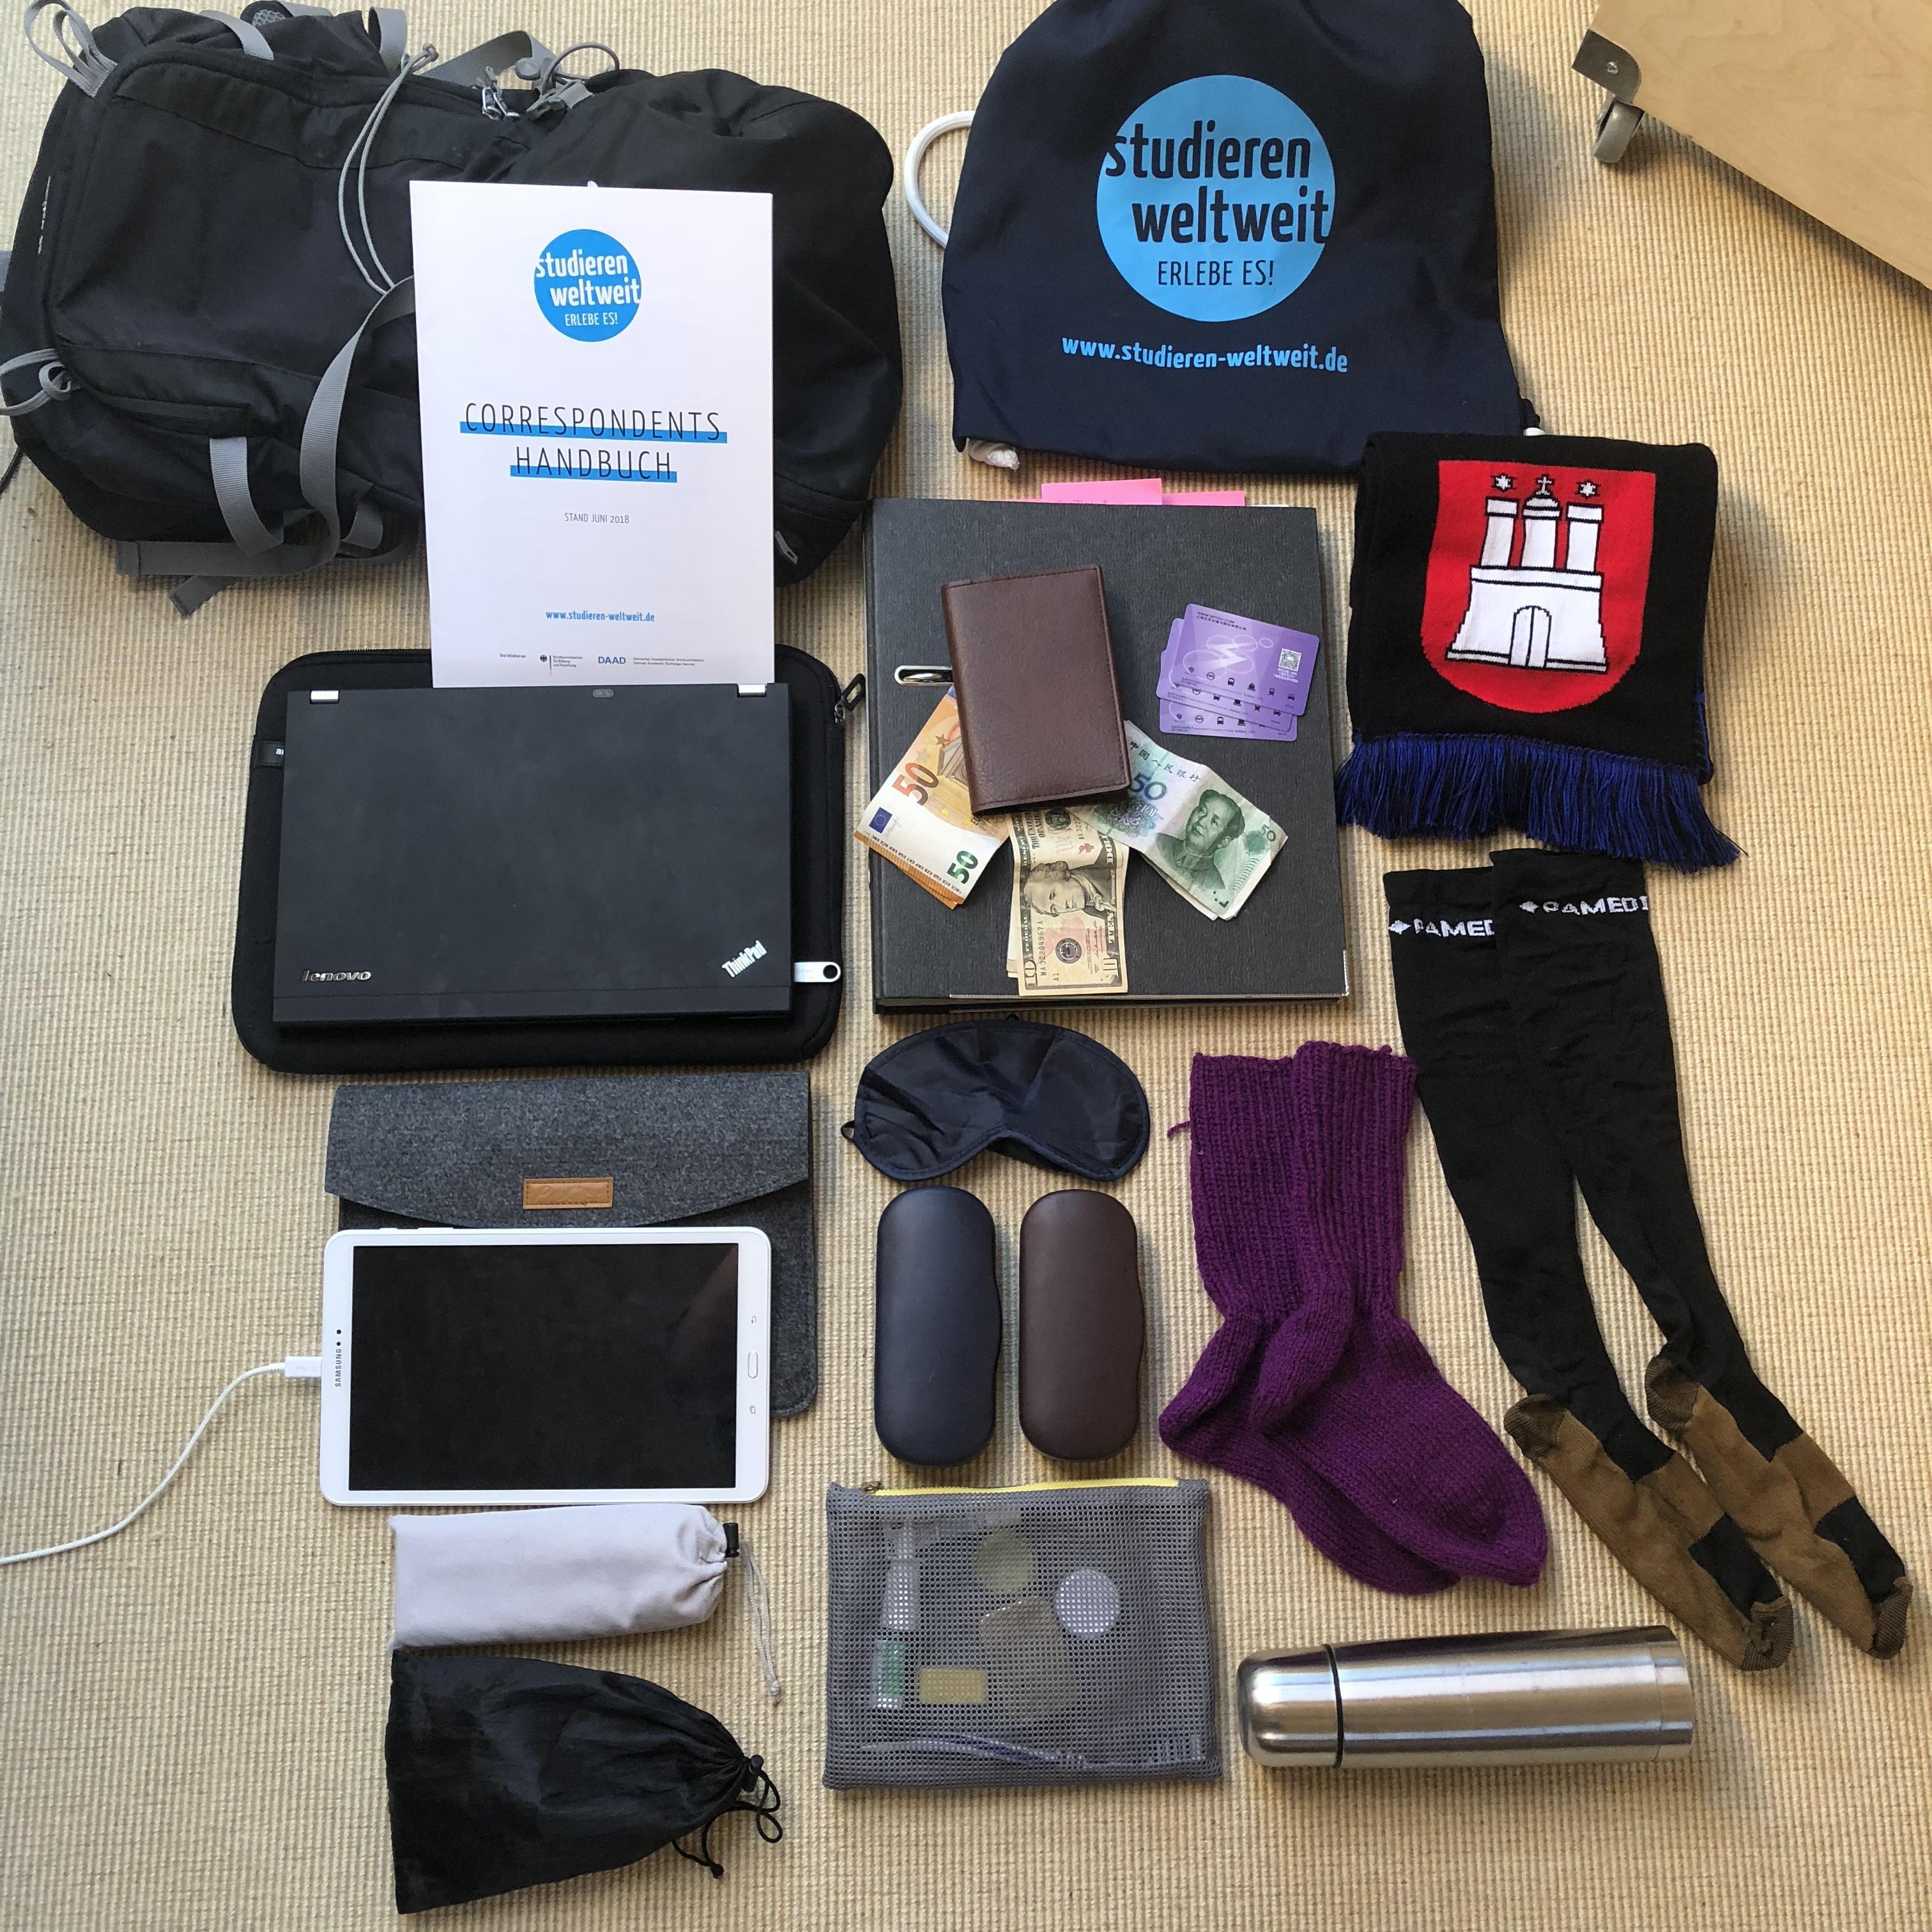 Einmal um die halbe Welt, bitte: What's in my bag?